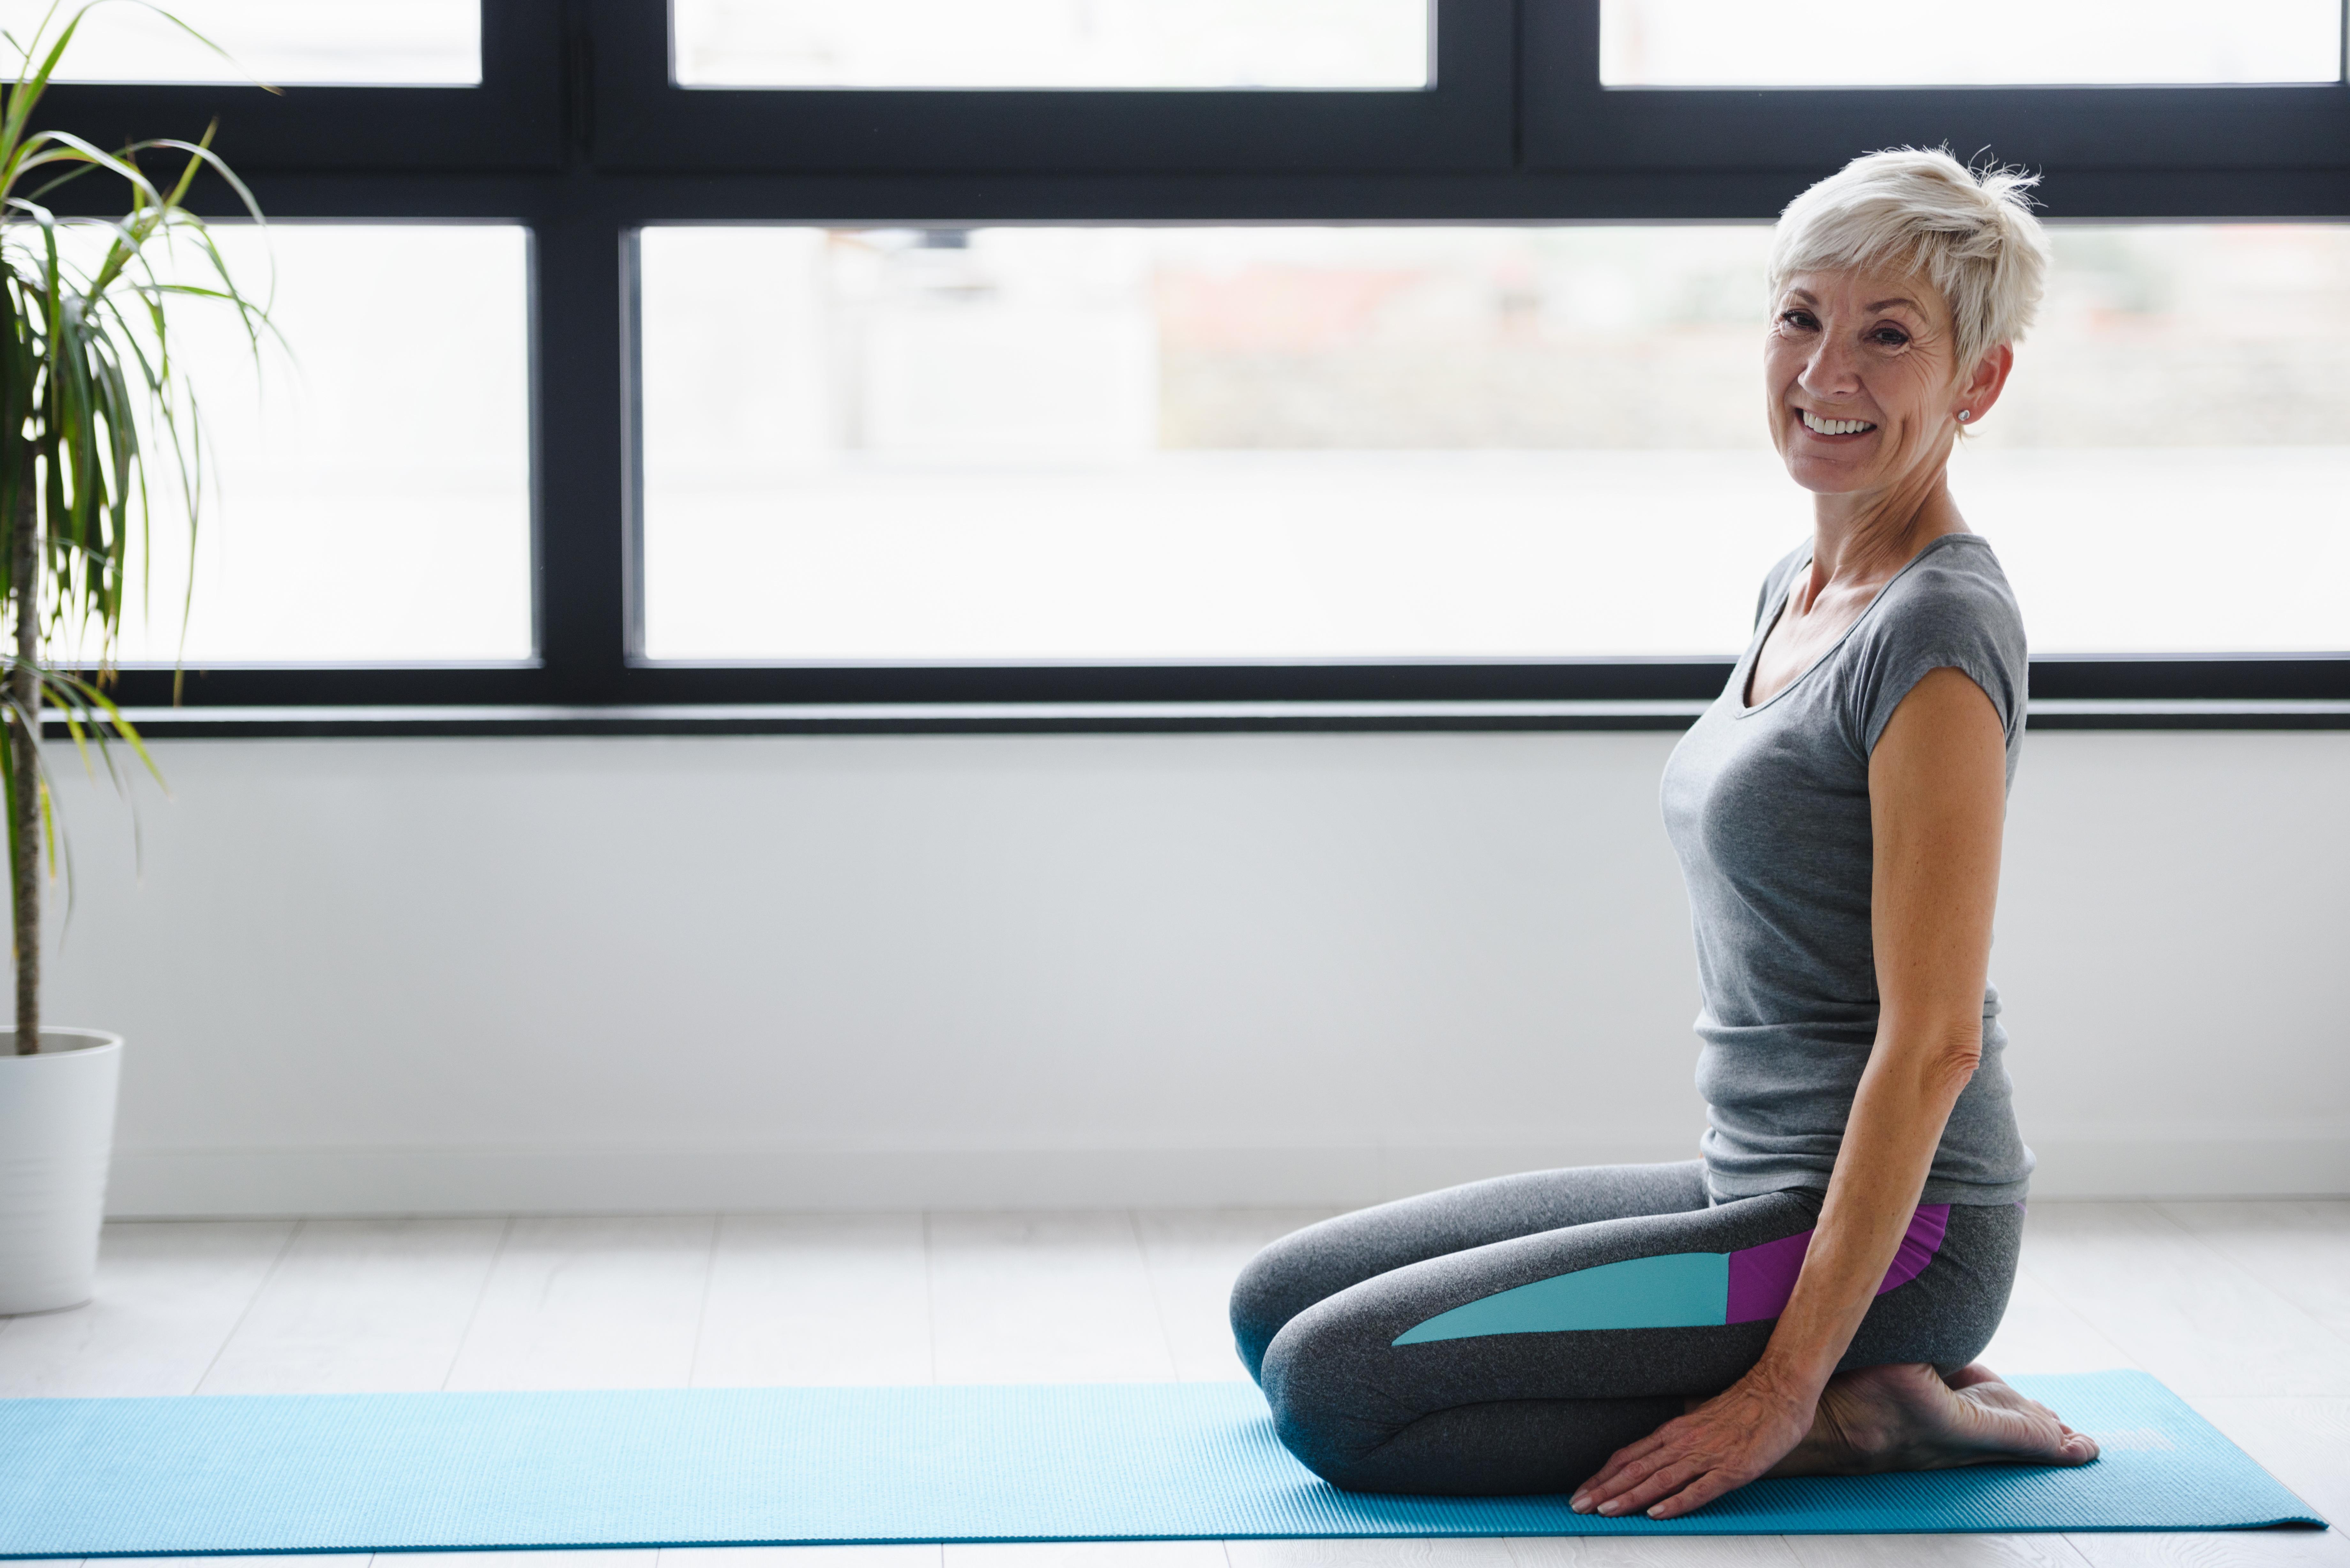 L'activité physique à elle-seule ne semble pas pouvoir totalement compenser les changements défavorables du profil lipidique associés à la ménopause.